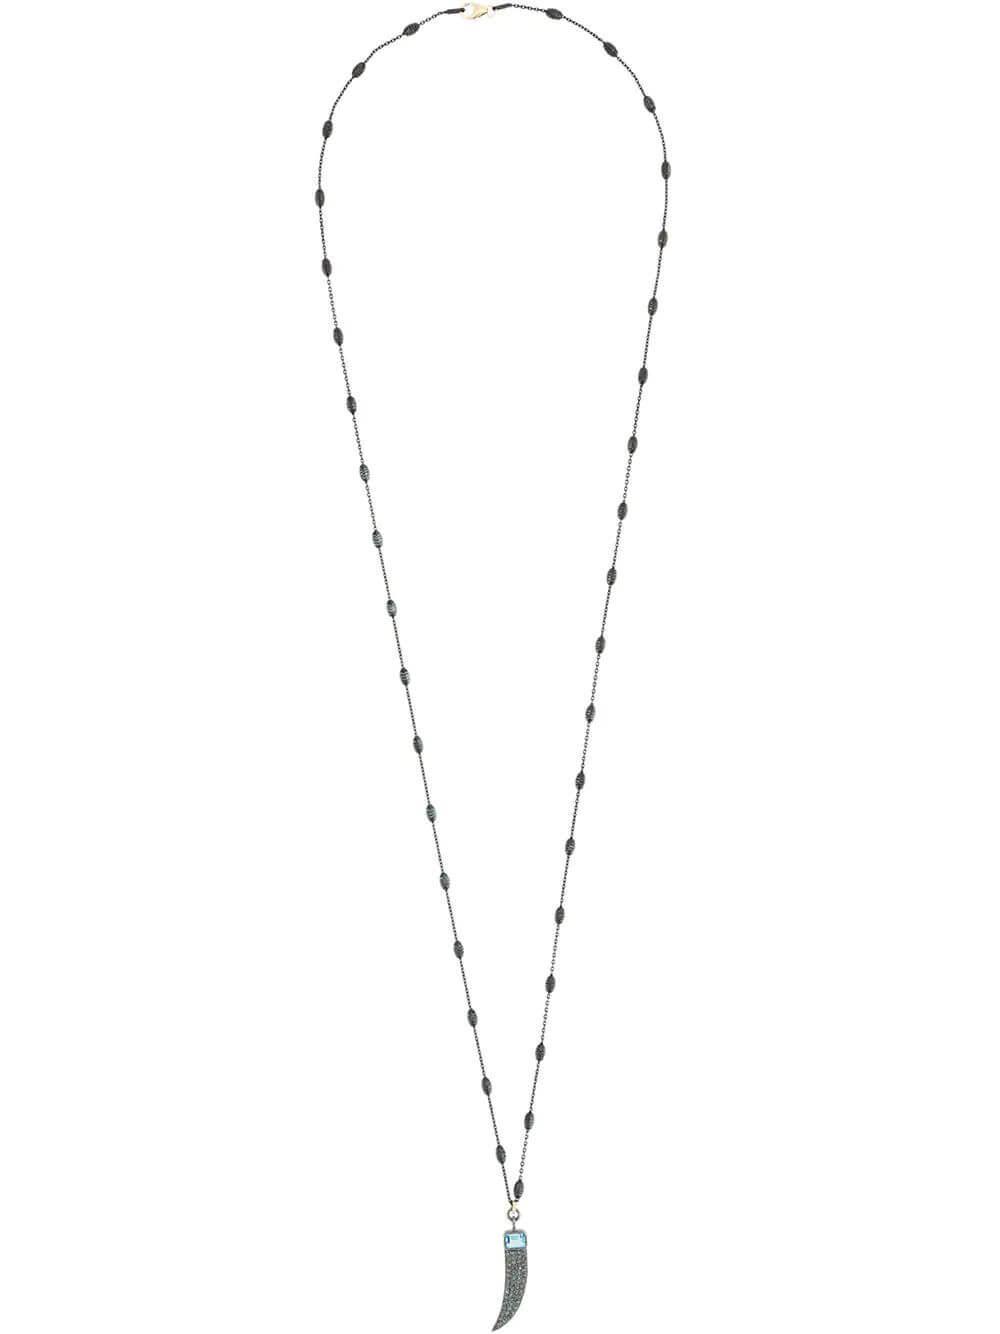 Ny Dia Necklace Item # S555N69139